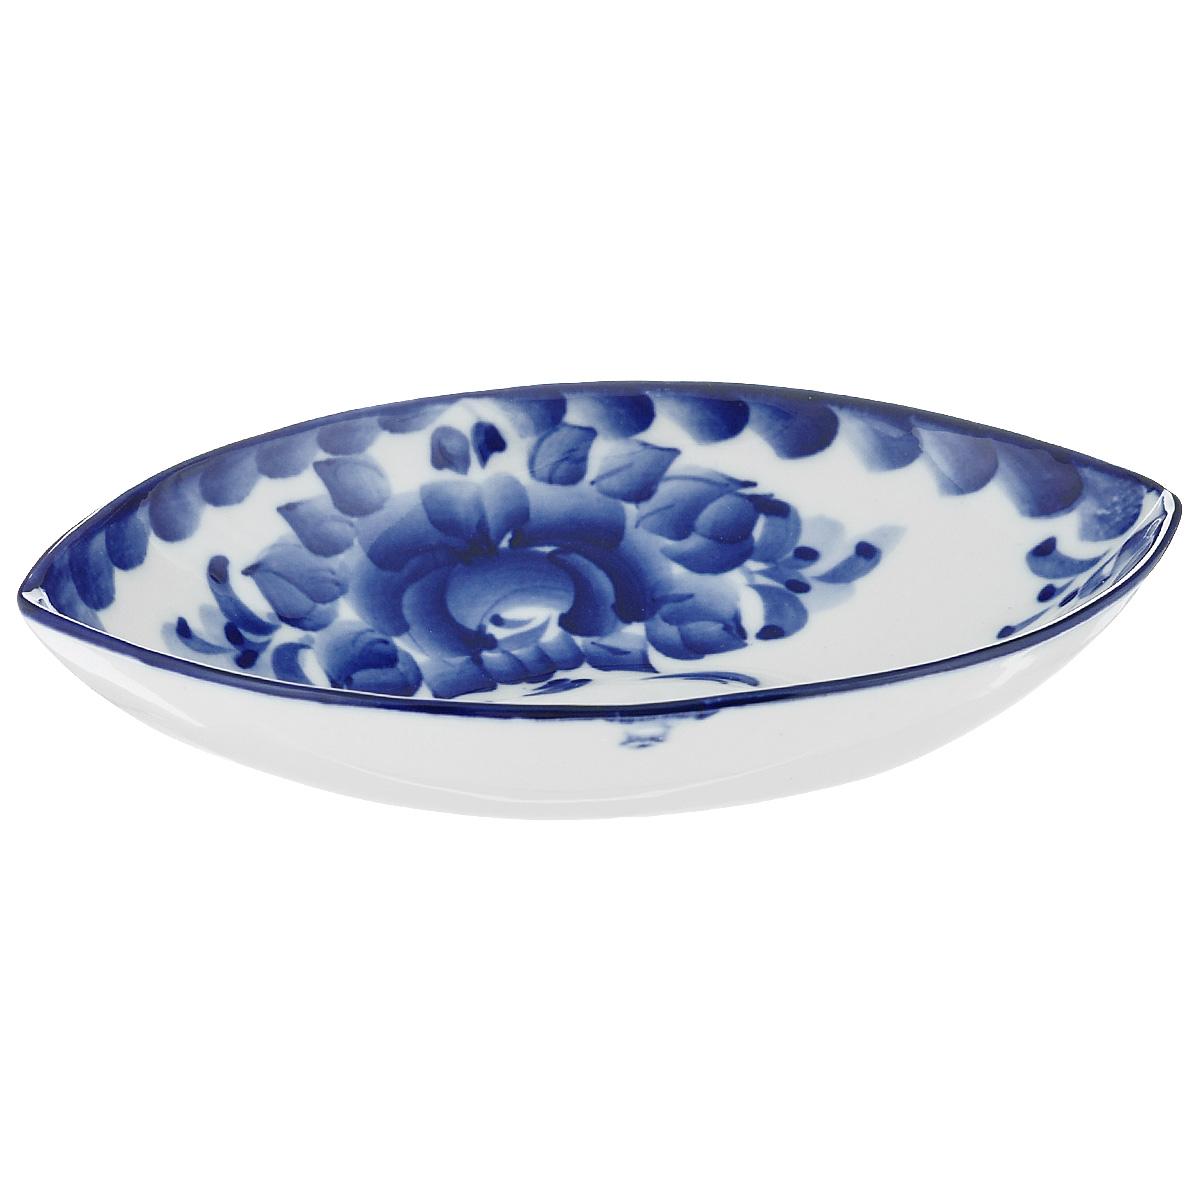 Салатник Лодочка, цвет: белый, синий, 18 х 13 х 4 см993041242Салатник выполнен из высококачественной керамики в виде лодочки и украшен гжельской росписью. Изделие доставит истинное удовольствие ценителям прекрасного. Яркий дизайн, несомненно придется вам по вкусу.Салатник Лодочка украсит ваш кухонный стол, а также станет замечательным подарком к любому празднику.Обращаем ваше внимание, что роспись на изделие сделана вручную. Рисунок может немного отличаться от изображения на фотографии. Размер салатника: 18 см х 13 см х 4 см.